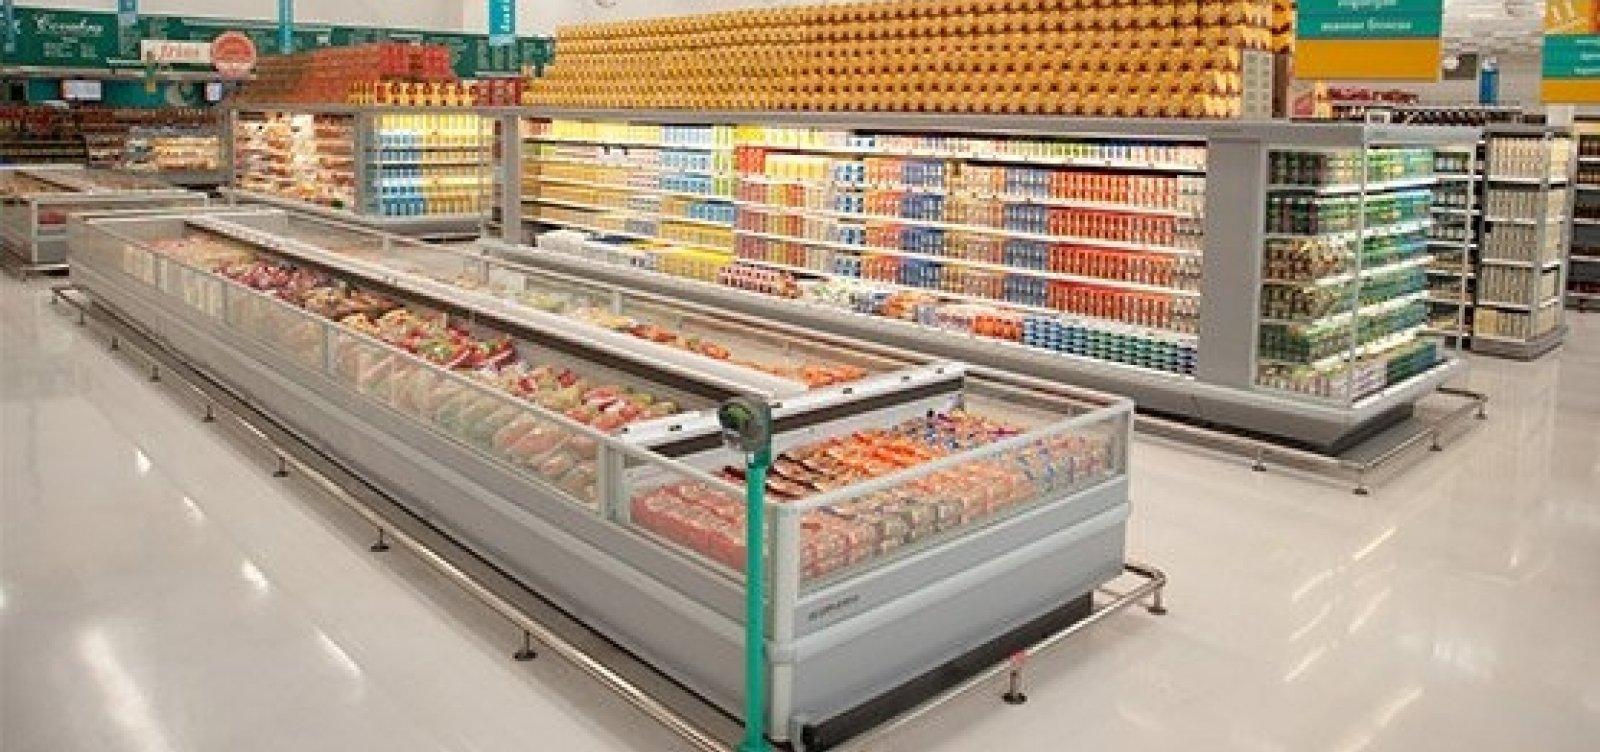 Justiça determina que mercado indenize mulher por choque em freezer